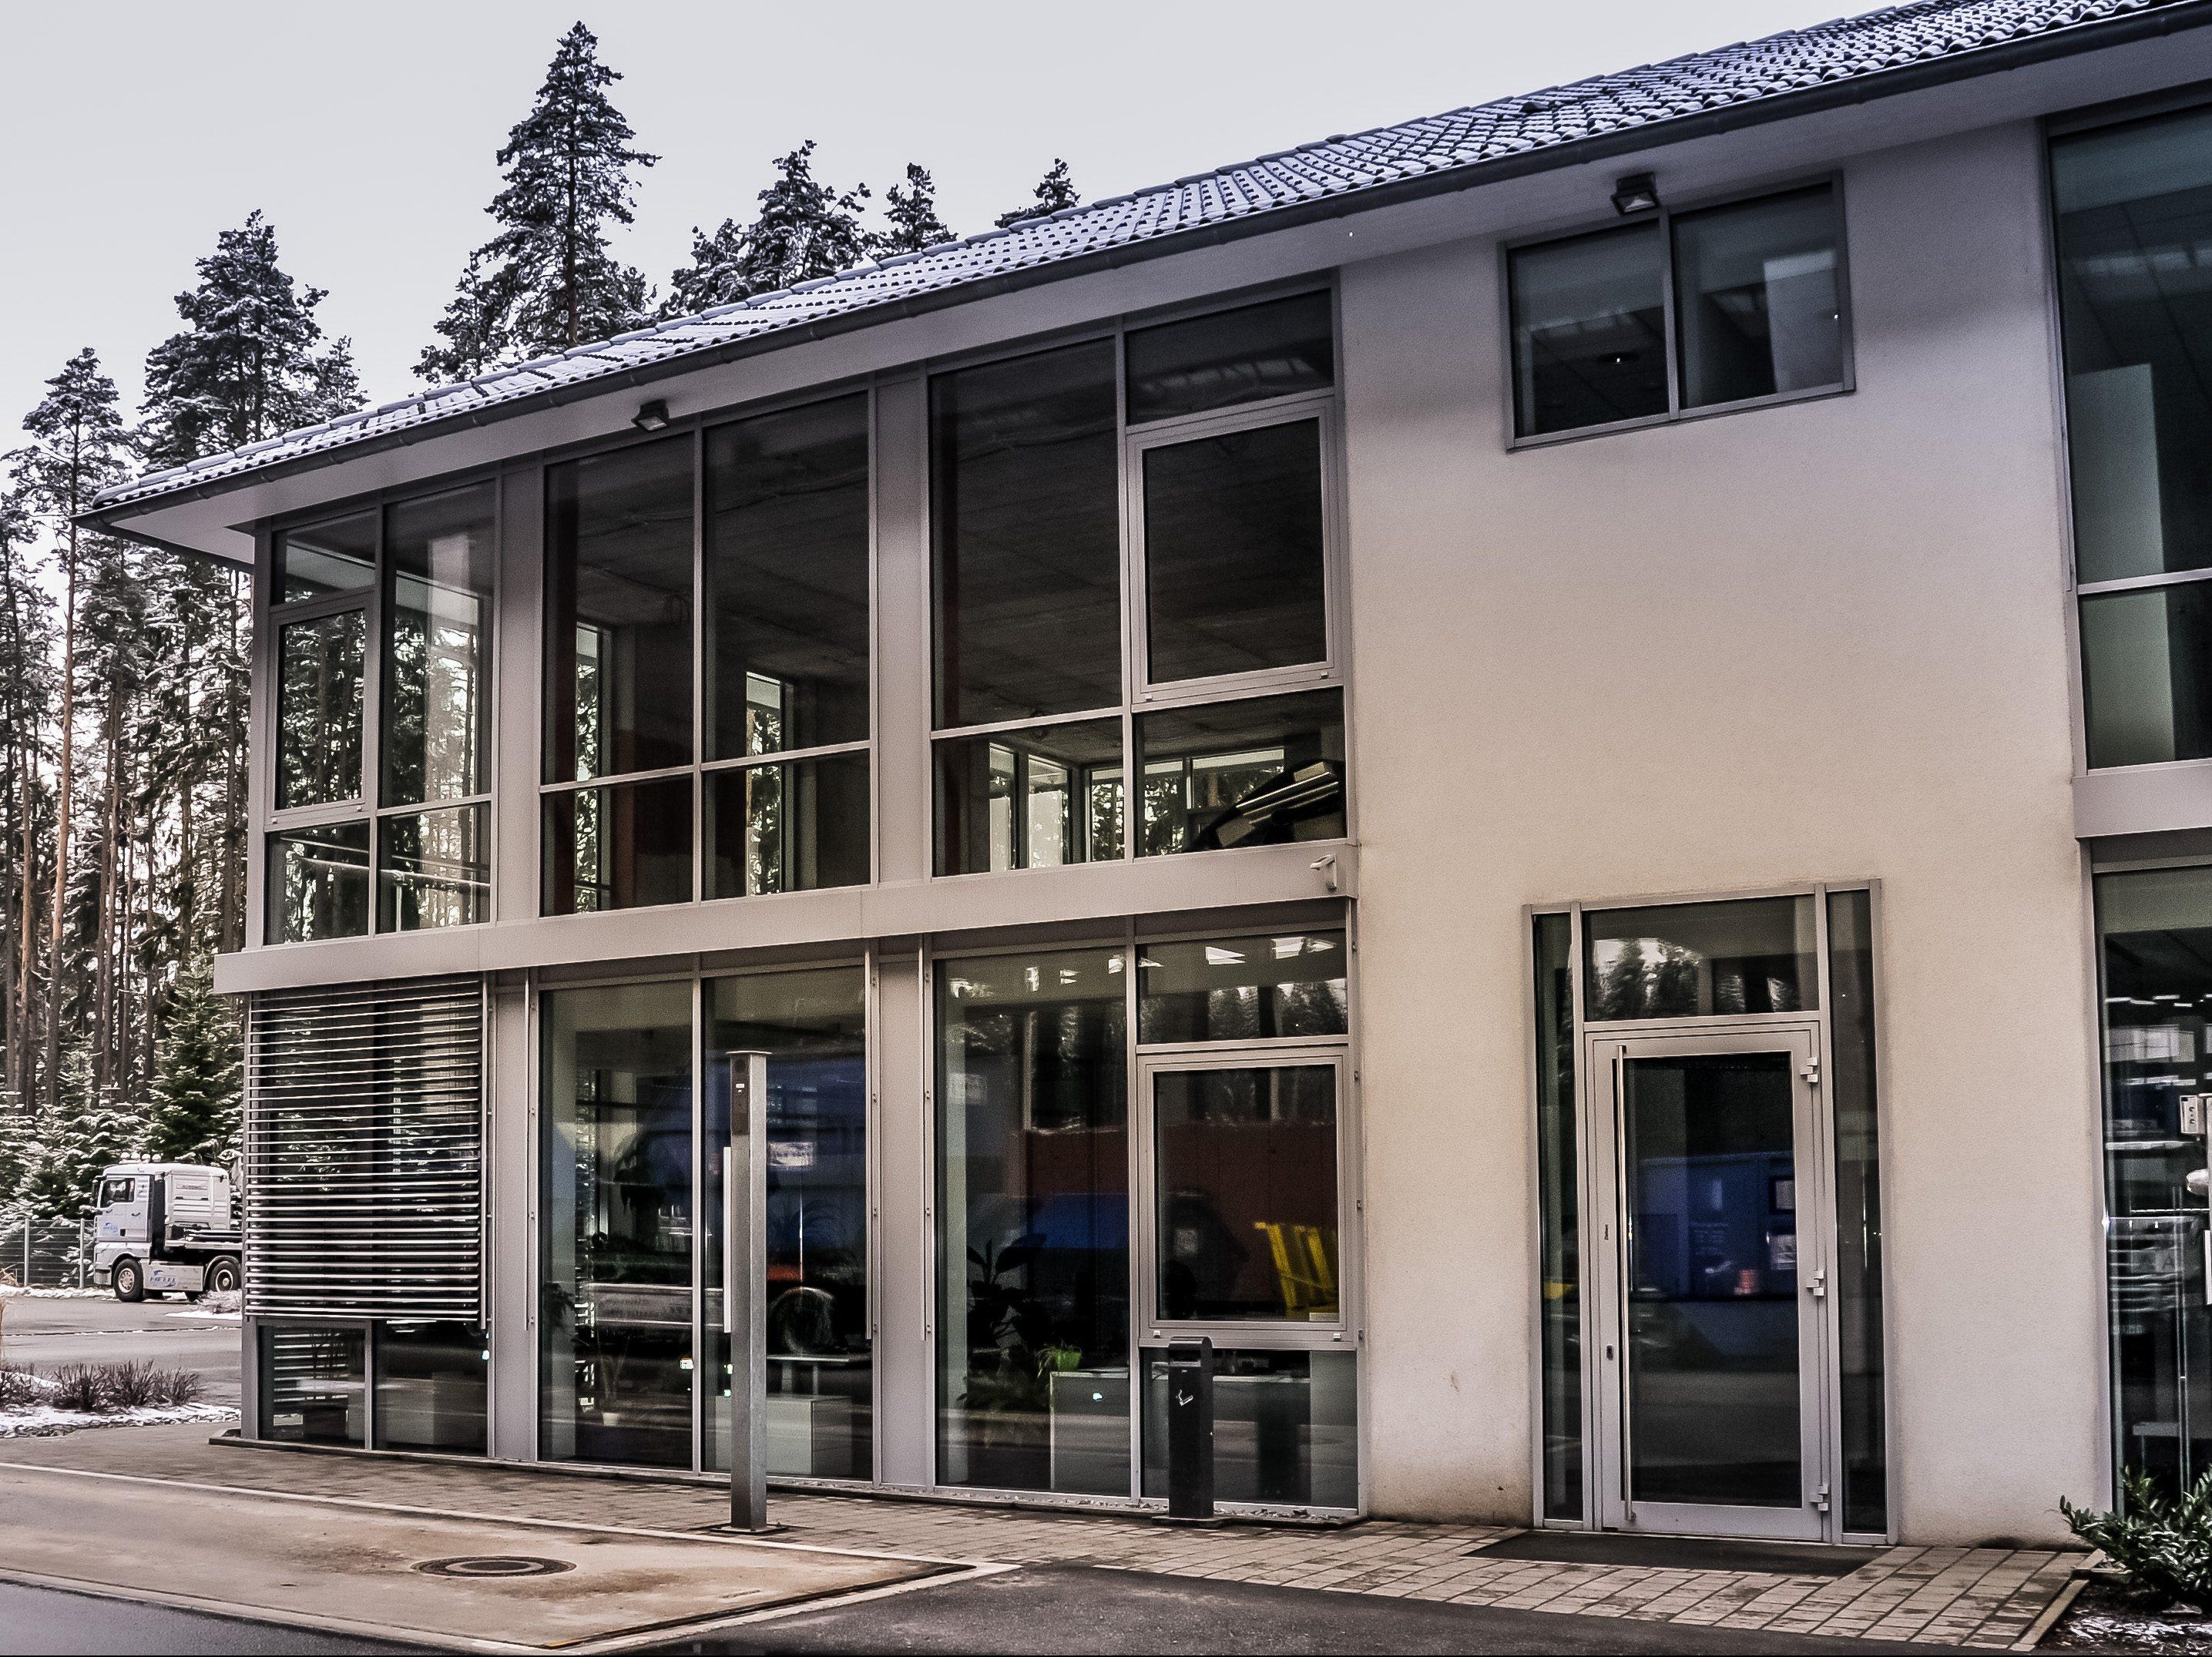 Modernes Verwaltungsgebäude mit viel Licht und dem etwas anderen Empfang